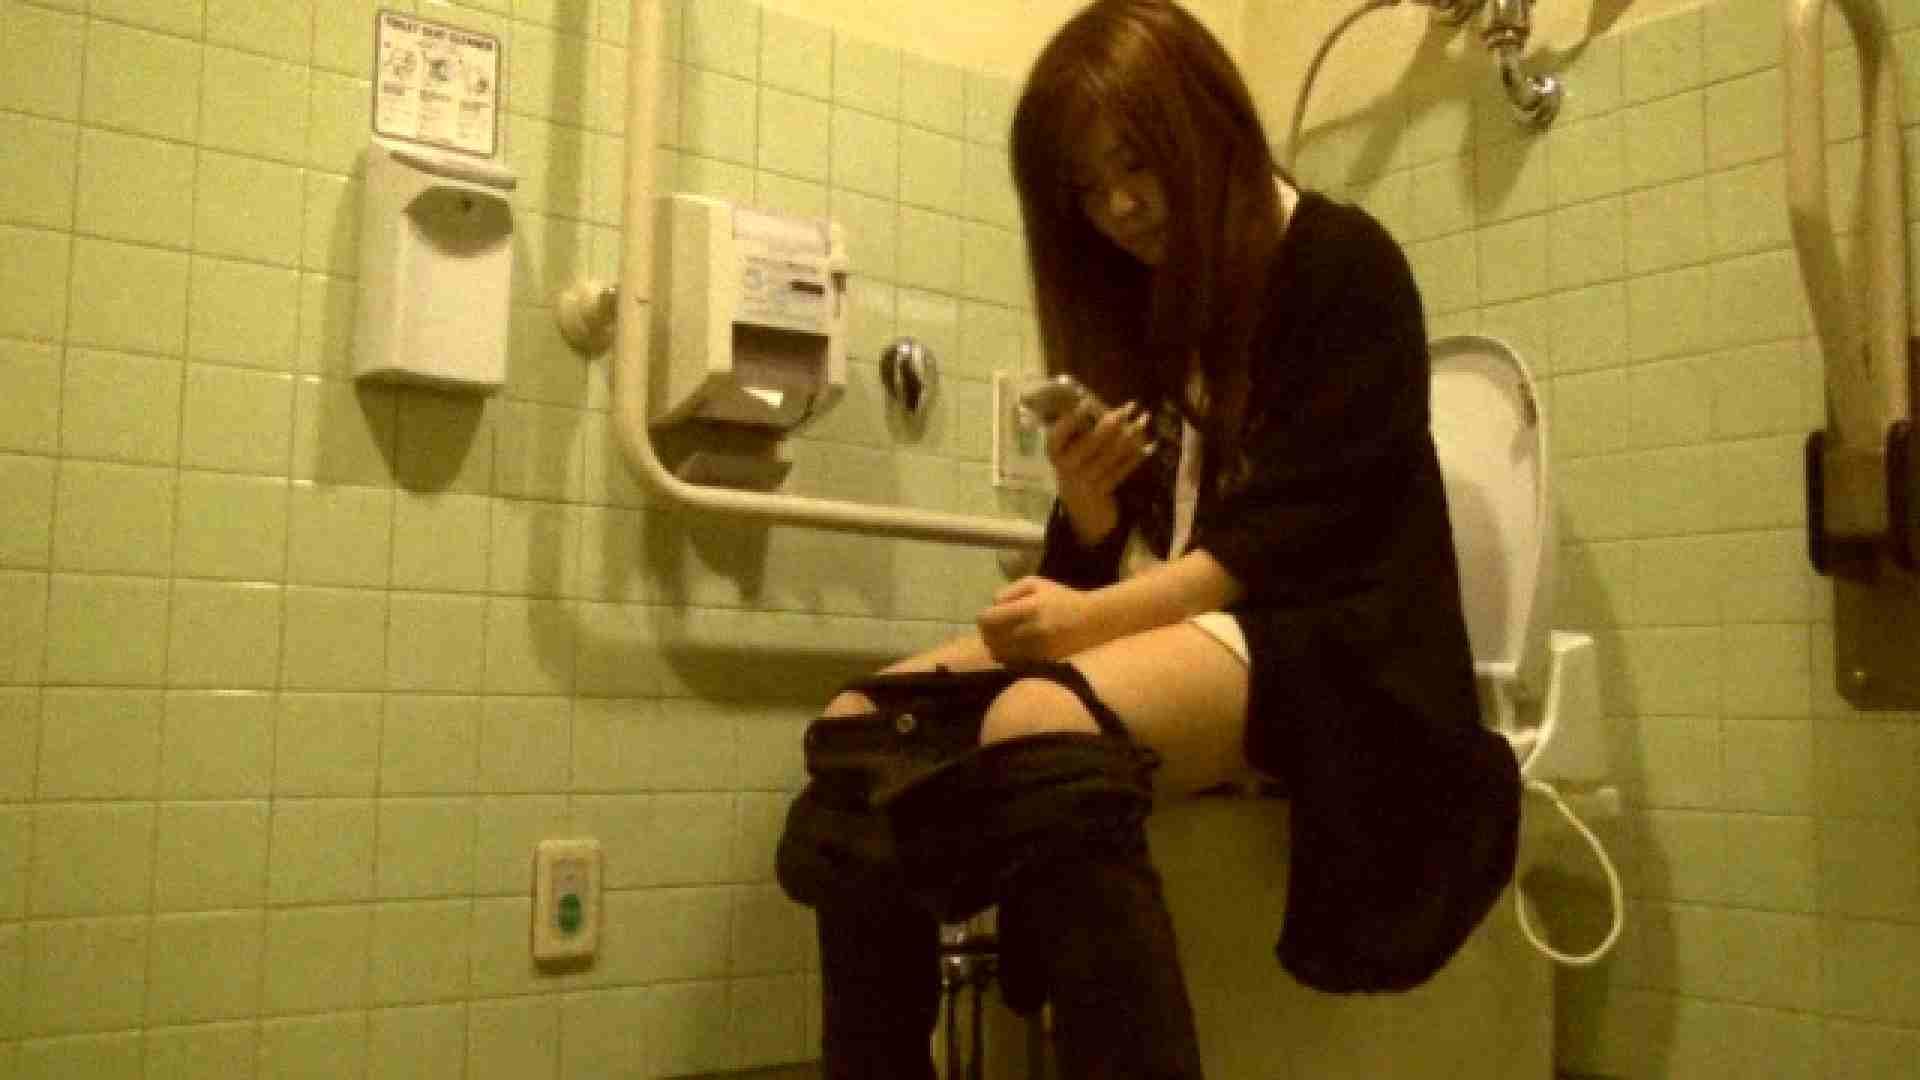 魔術師の お・も・て・な・し vol.26 19歳のバーの店員さんの洗面所をしばし… 洗面所 | 美女OL  54連発 25